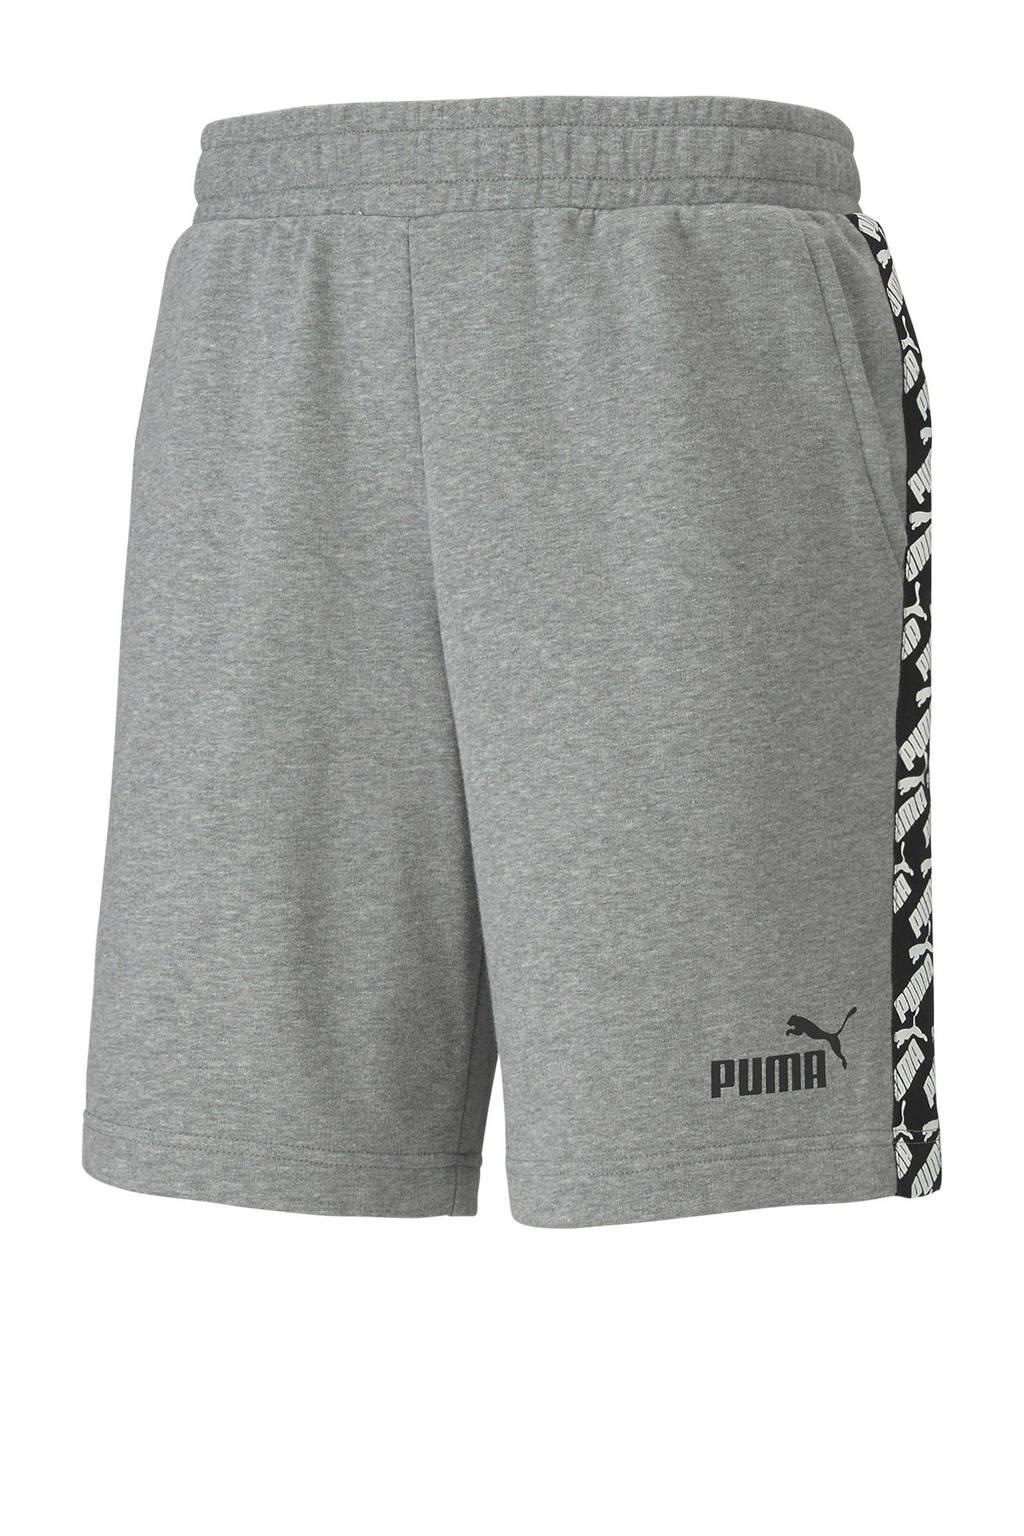 Puma   joggingshort grijs melange, Grijs melange